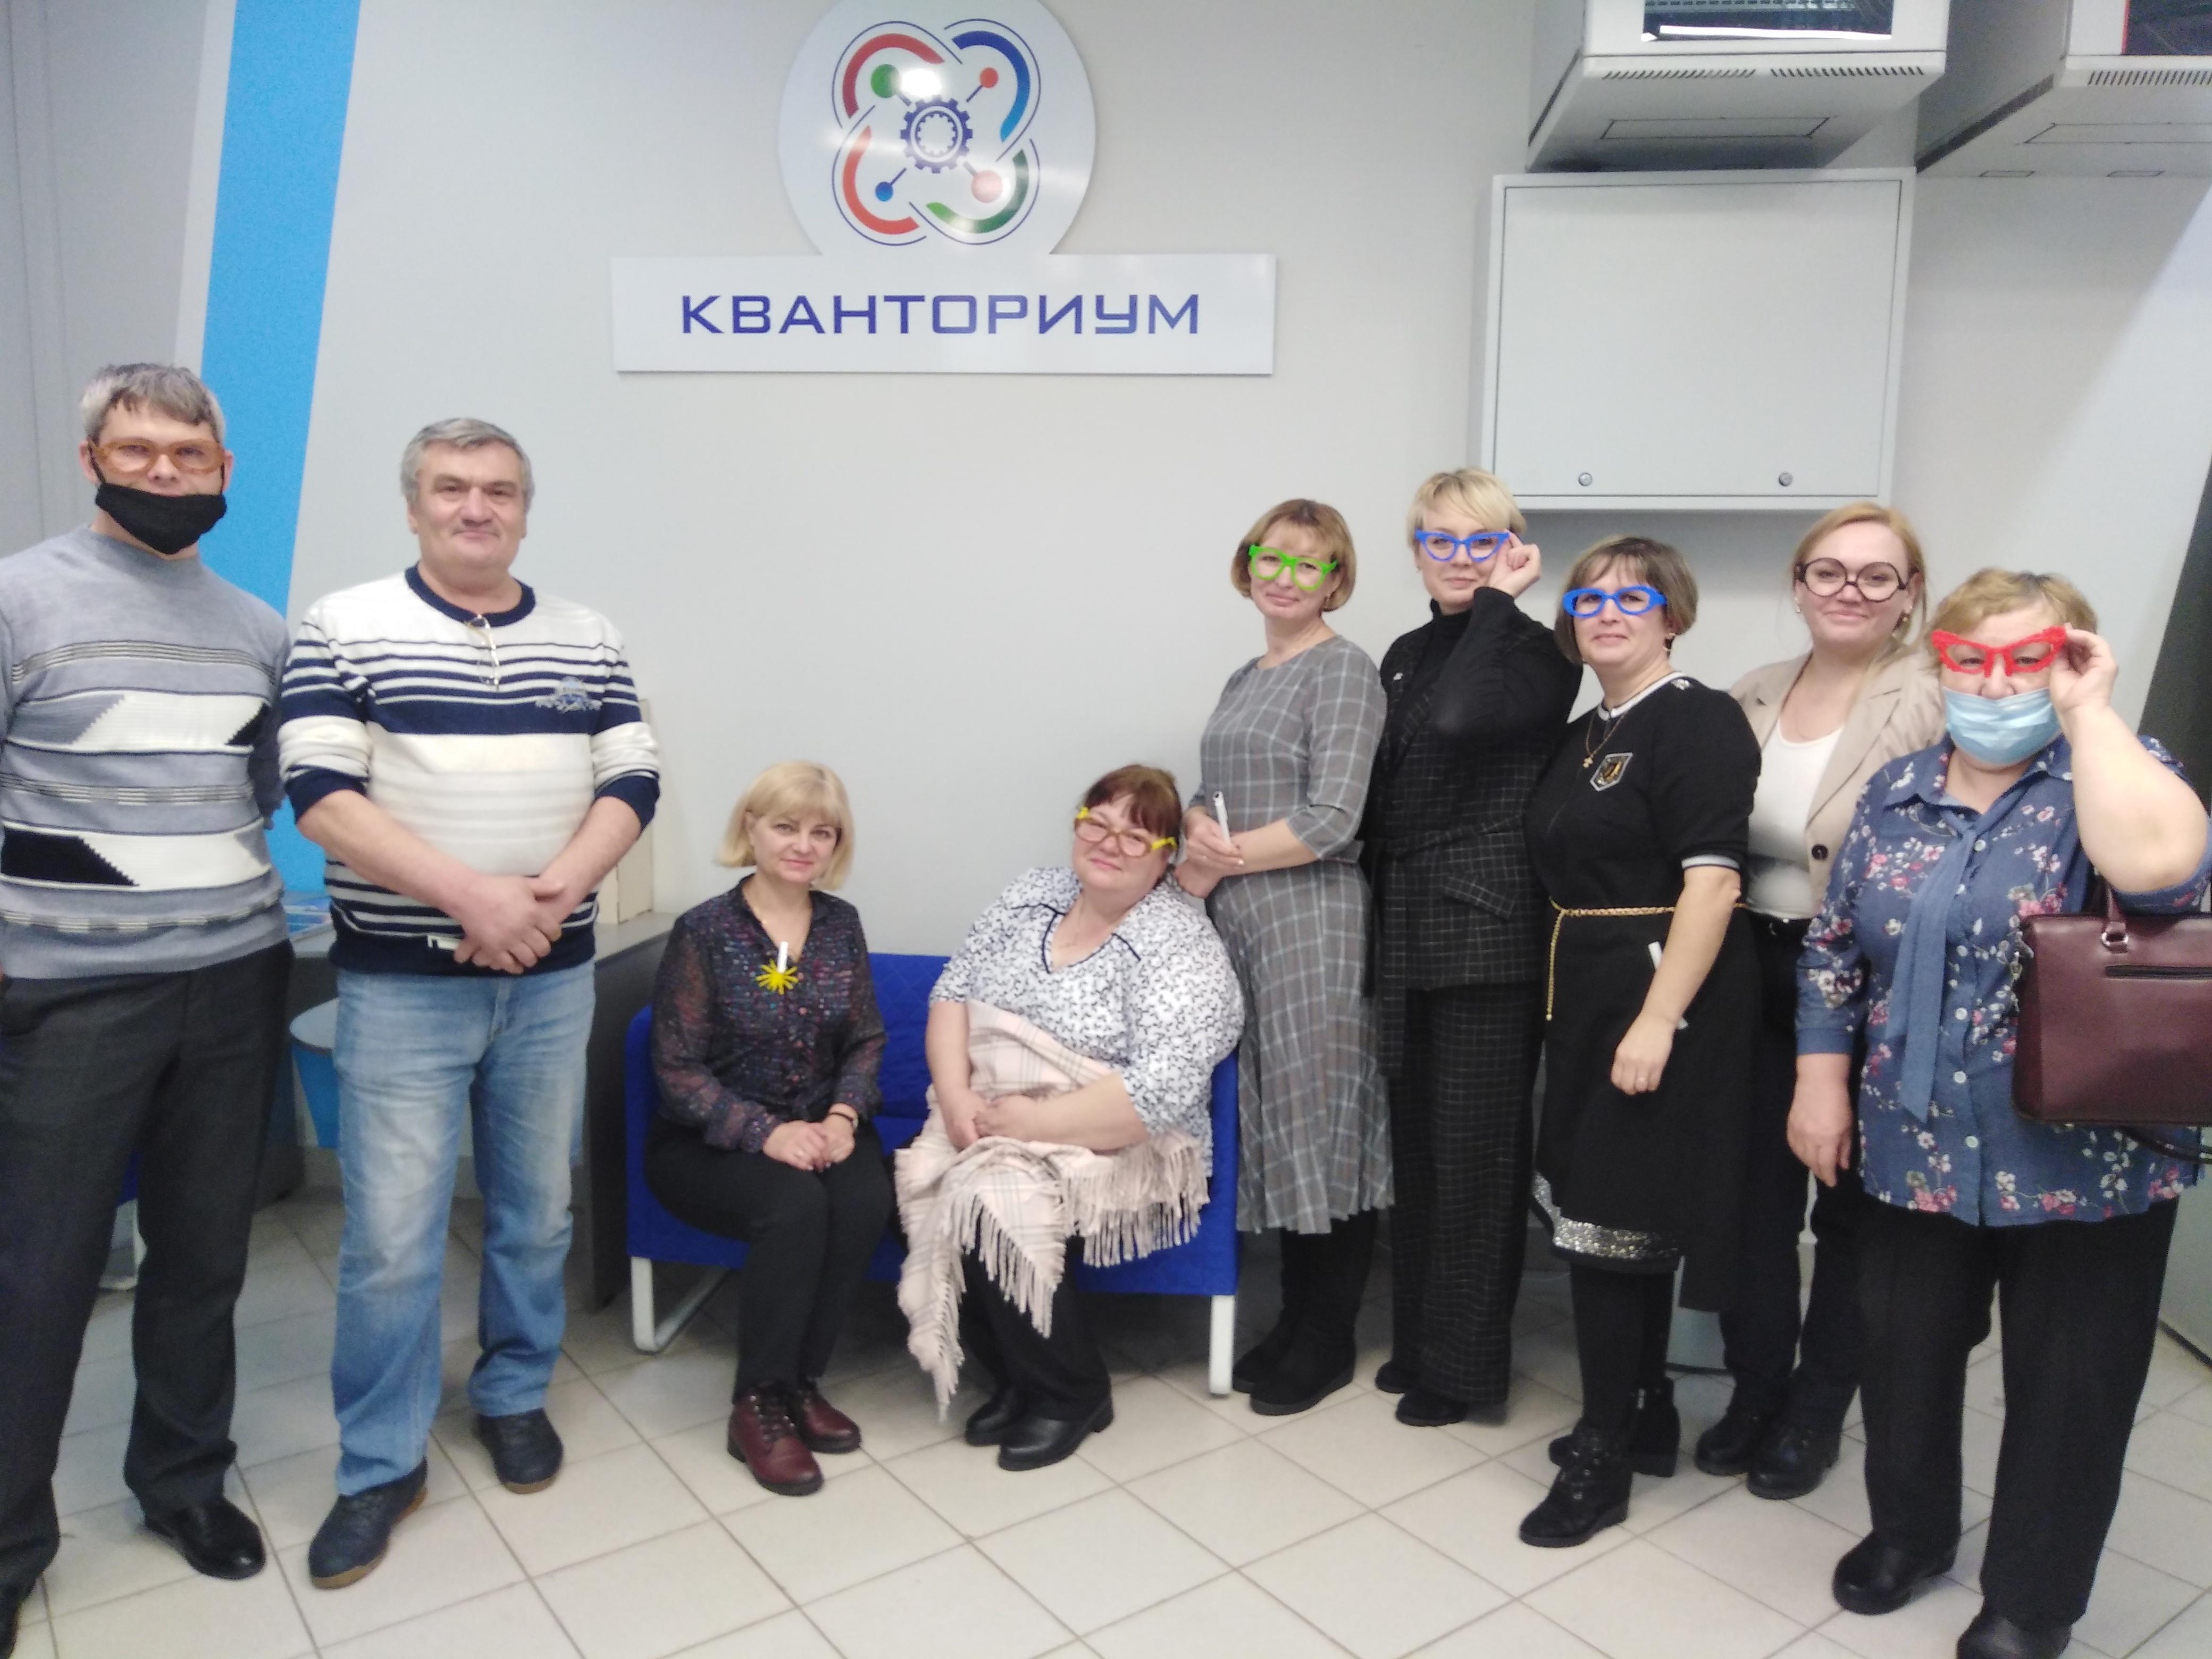 26 марта на базе детского технопарка «Кванториум «Хакасия» прошла встреча с учителями Усть- Бюр Усть – Абаканского района